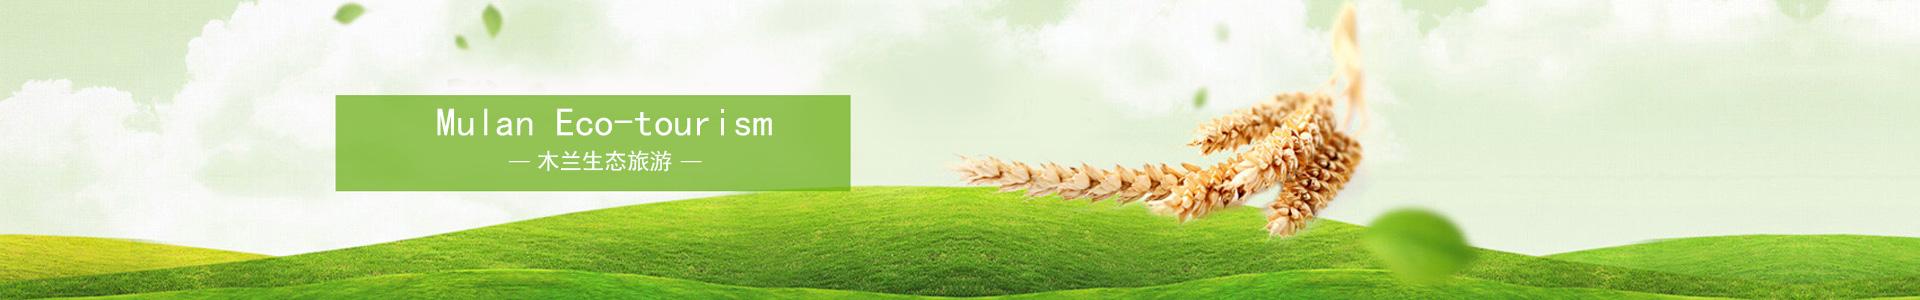 合肥木兰生态农业有限责任公司